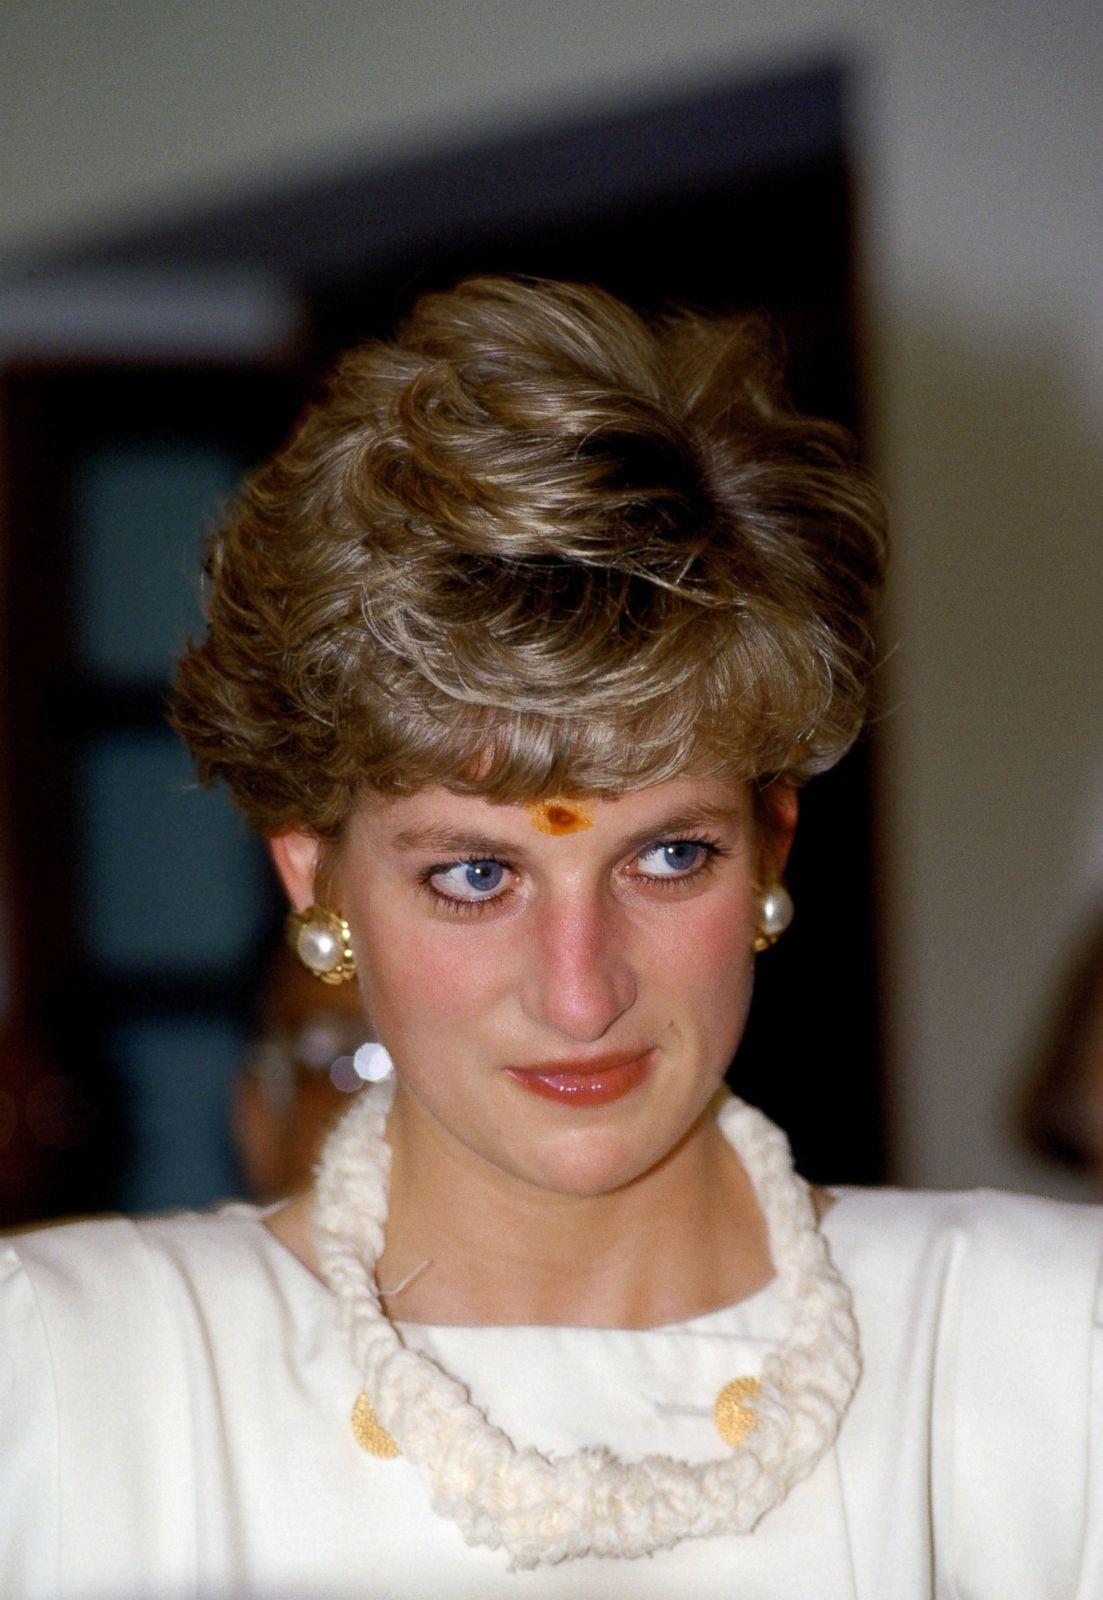 Princess Diana News Blog: Princess Diana In India: A Look Back - ABC News